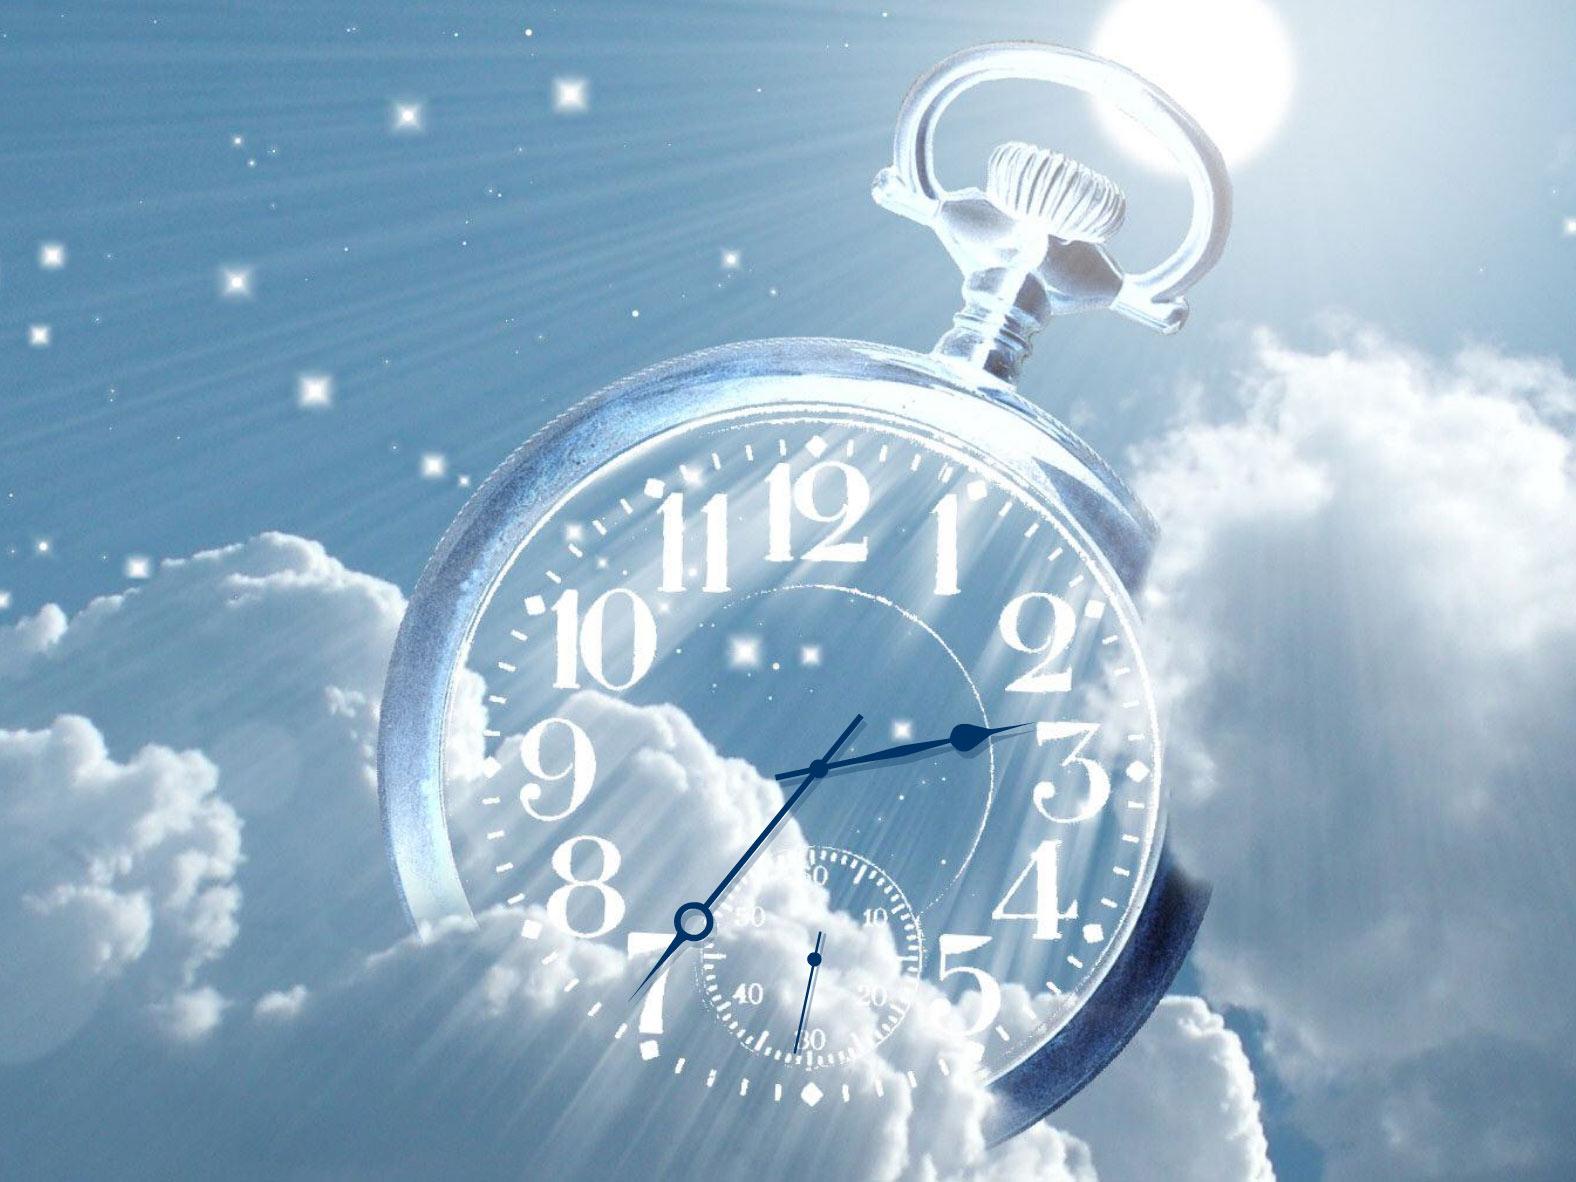 Resultado de imagem para time of god